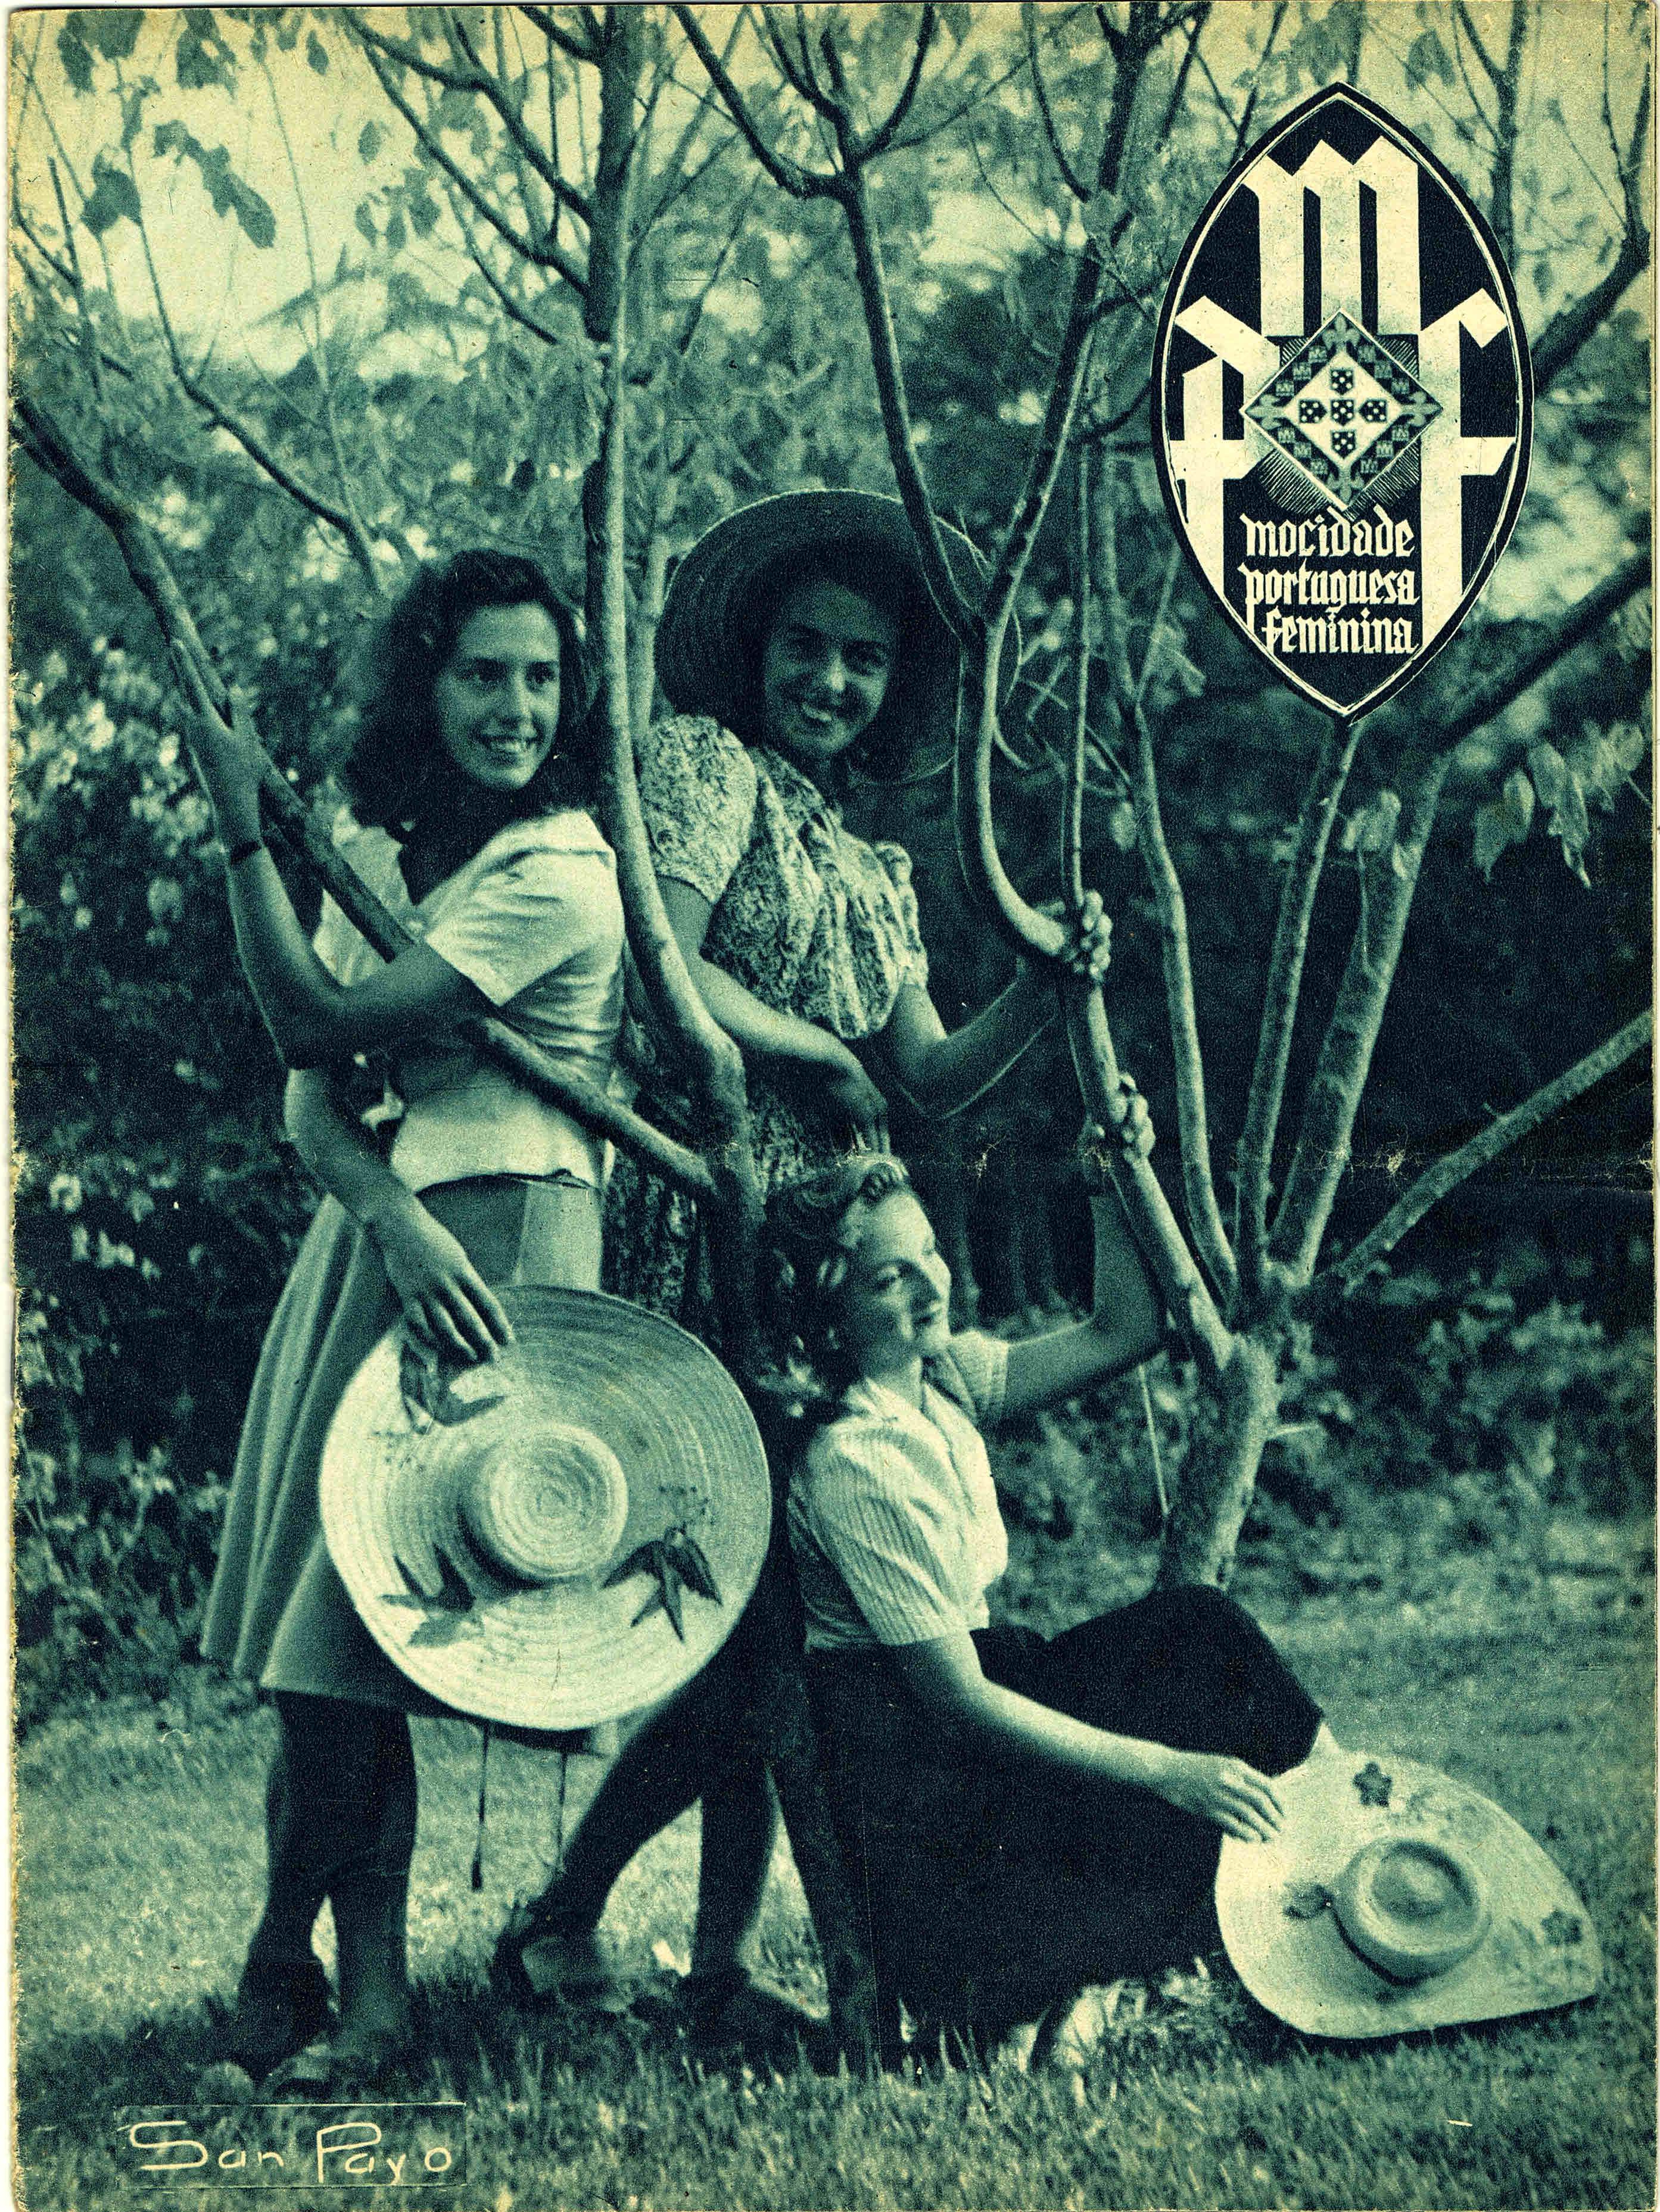 revista da mocidade portuguesa feminina nº 53